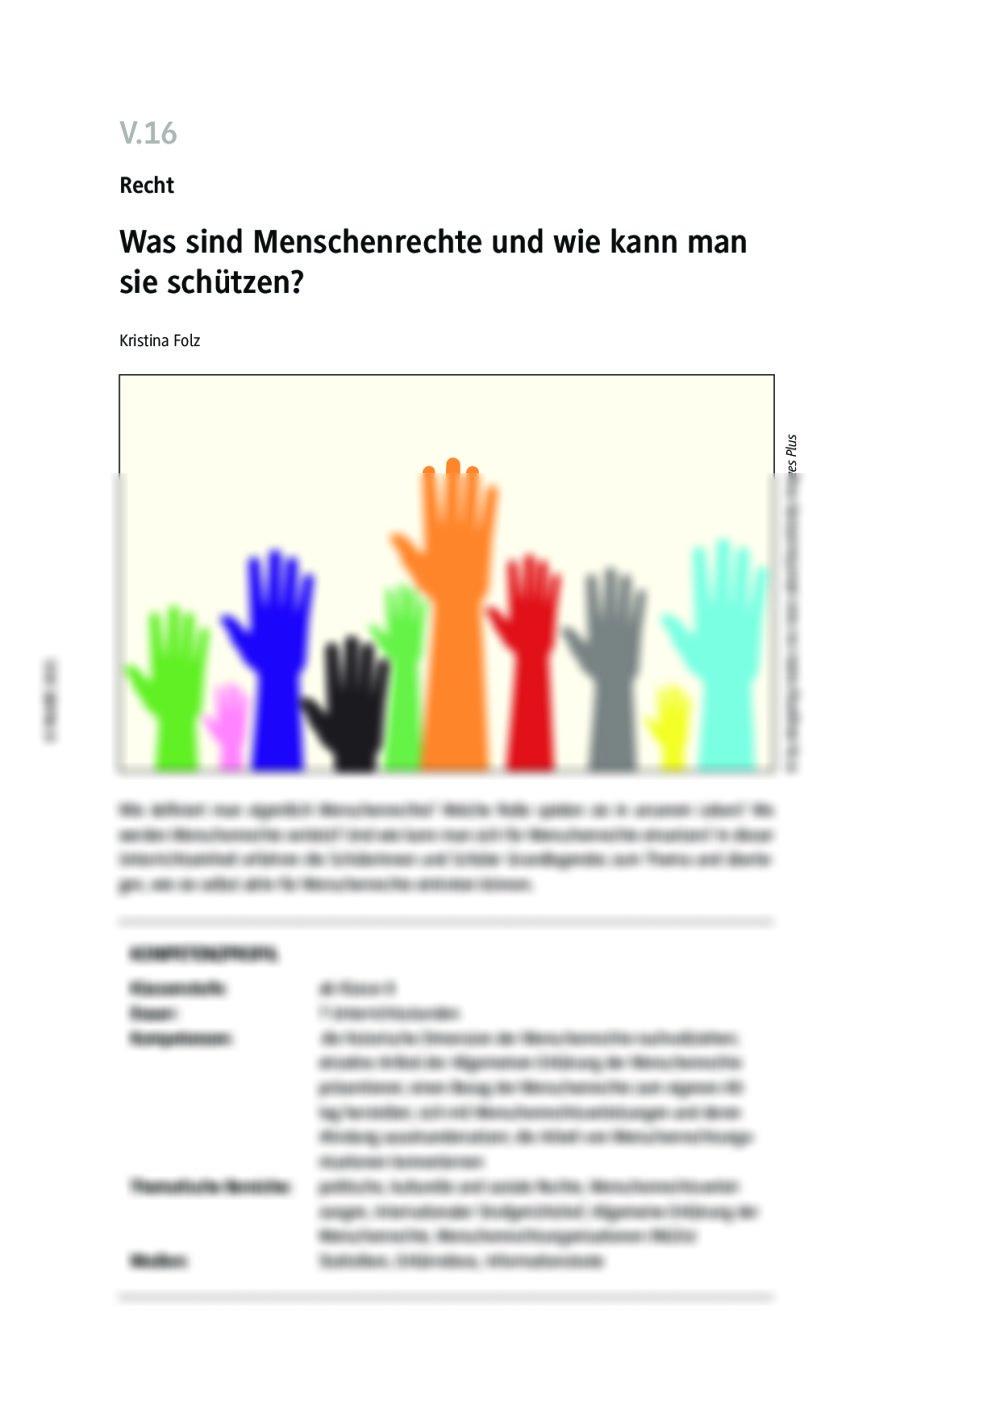 Was sind Menschenrechte und wie kann man sie schützen? - Seite 1